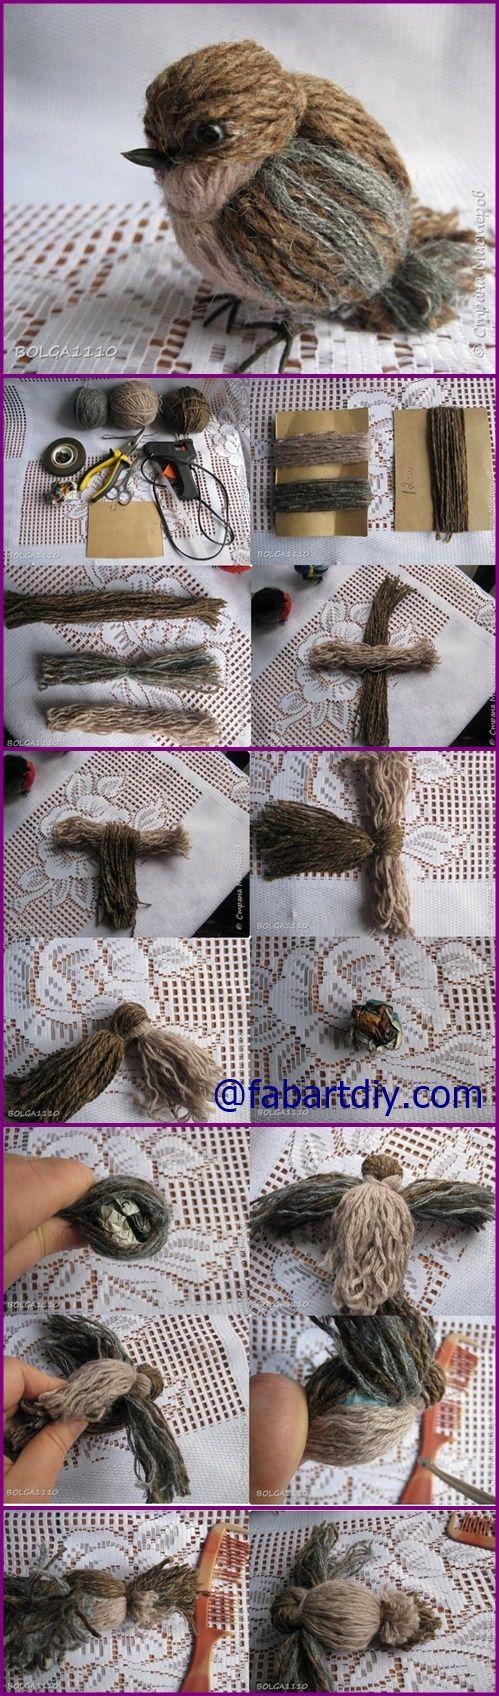 How to DIY Cute Yarn Birdie   www.FabArtDIY.com #Crafts, #Yarn Video ...